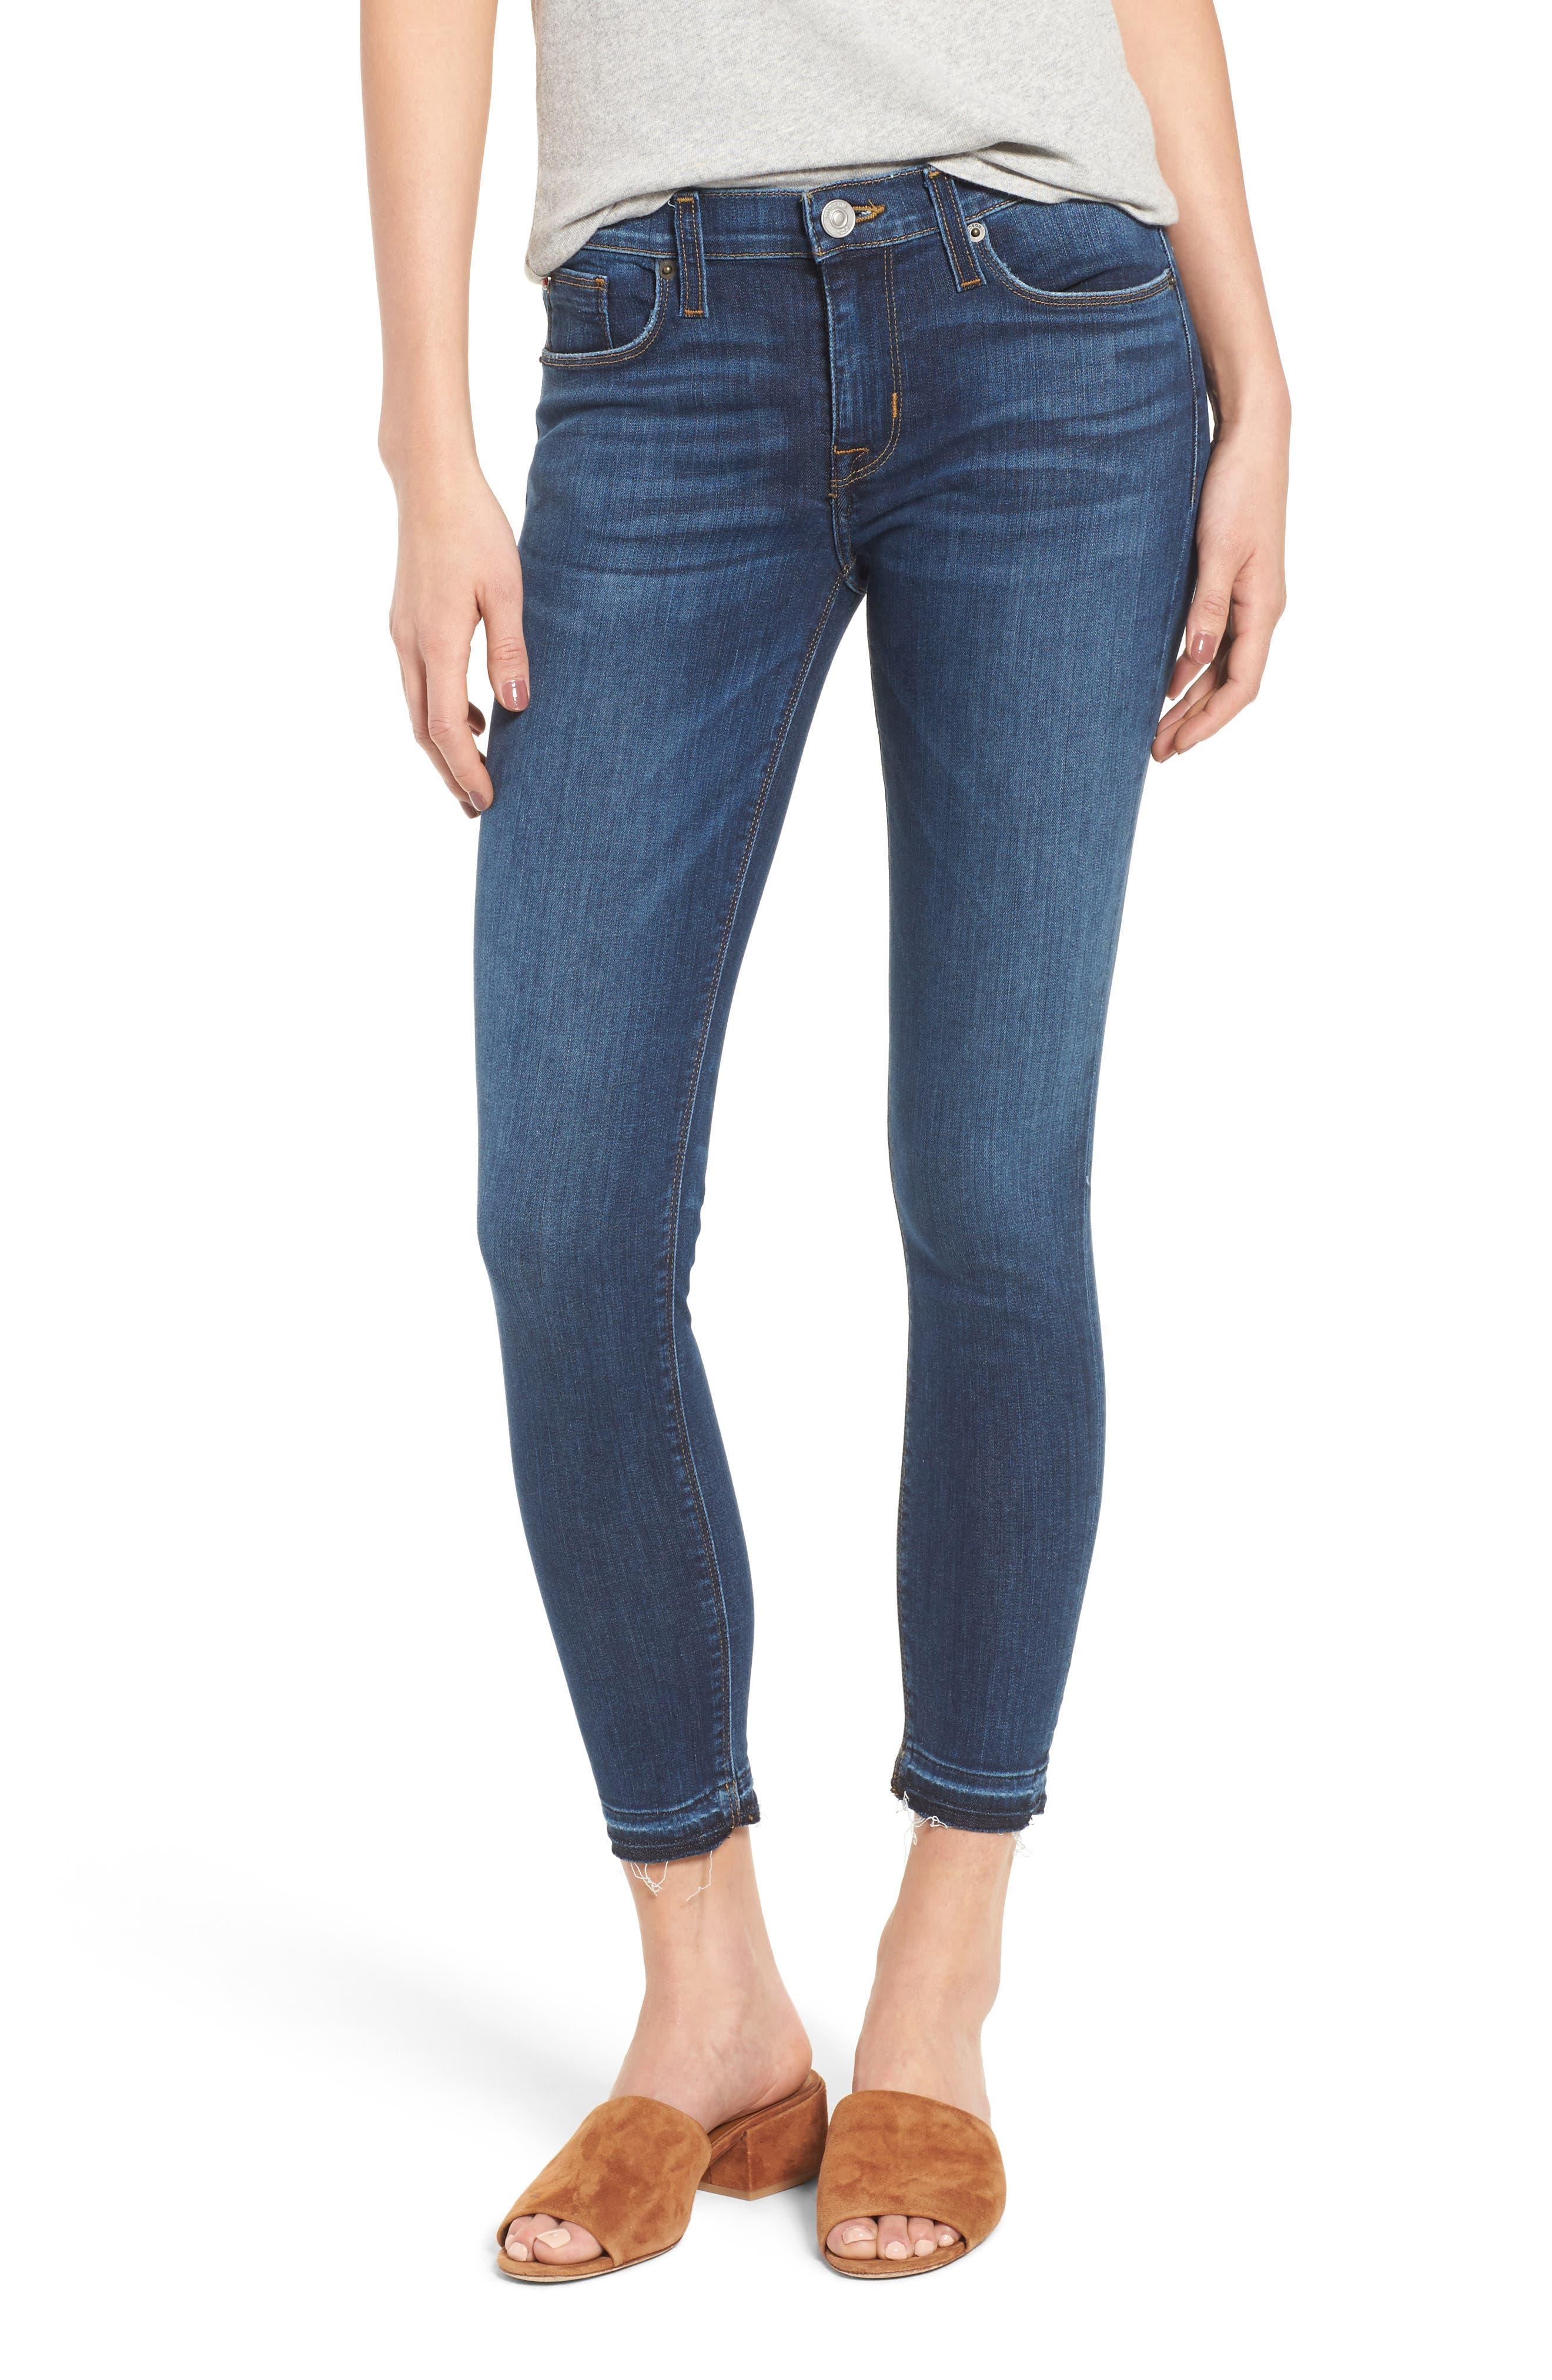 HUDSON JEANS Krista Crop Super Skinny Jeans